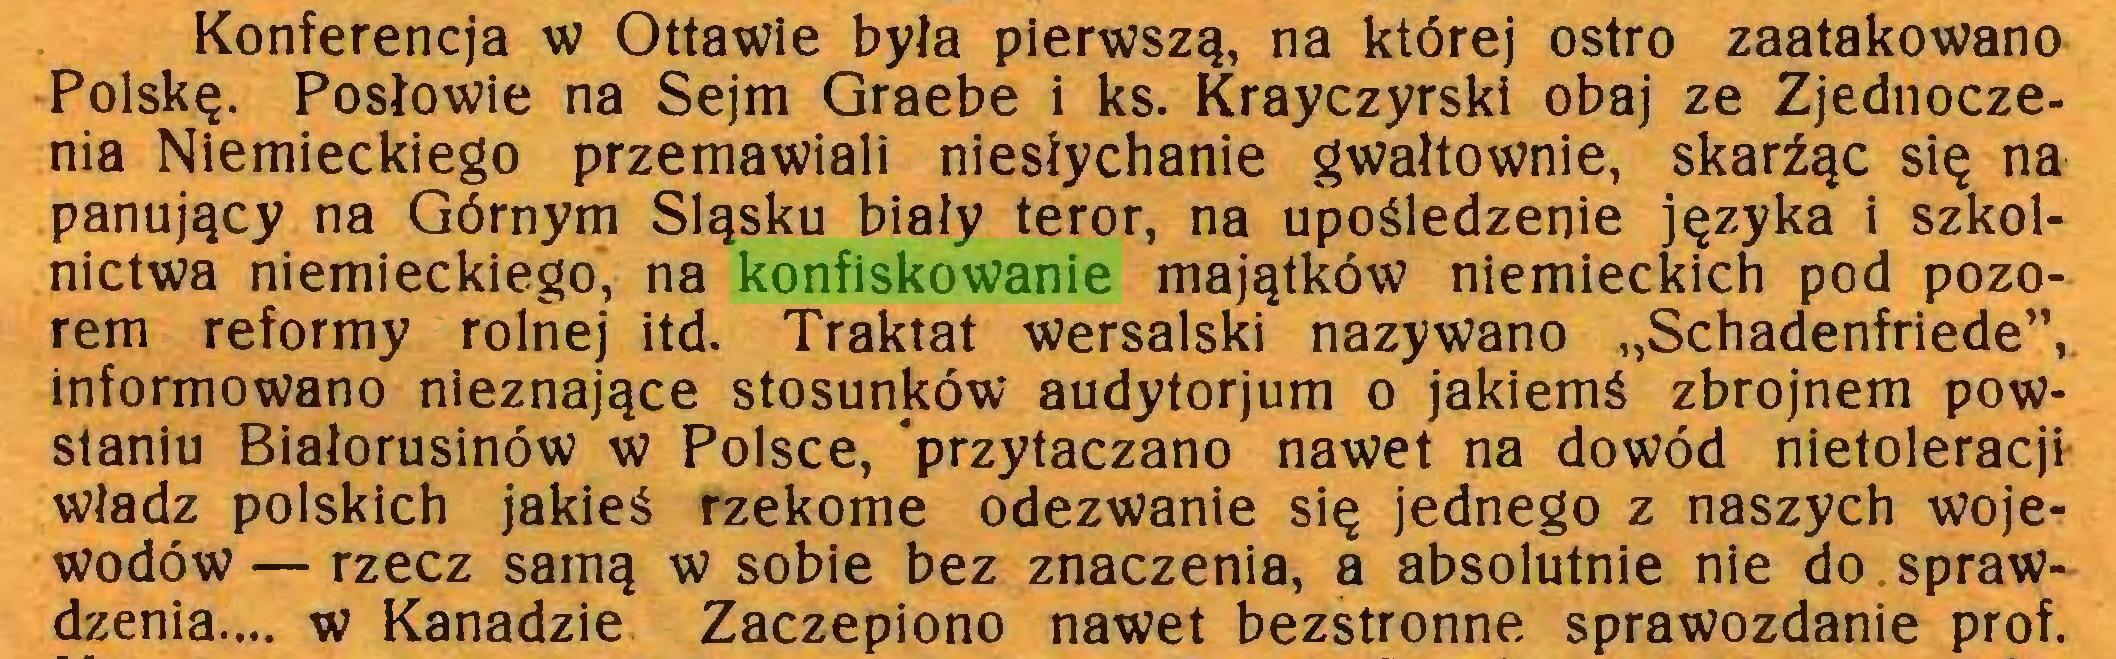 """(...) Konferencja w Ottawie była pierwszą, na której ostro zaatakowano Polskę. Posłowie na Sejm Graebe i ks. Krayczyrski obaj ze Zjednoczenia Niemieckiego przemawiali niesłychanie gwałtownie, skarżąc się na panujący na Górnym Śląsku biały teror, na upośledzenie języka i szkolnictwa niemieckiego, na konfiskowanie majątków niemieckich pod pozorem reformy rolnej itd. Traktat wersalski nazywano """"Schadenfriede"""", informowano nieznające stosunków audytorjum o jakiemś zbrojnem powstaniu Białorusinów w Polsce, przytaczano nawet na dowód nietoleracji władz polskich jakieś rzekome odezwanie się jednego z naszych wojewodów — rzecz samą w sobie bez znaczenia, a absolutnie nie do sprawdzenia... w Kanadzie Zaczepiono nawet bezstronne sprawozdanie prof..."""